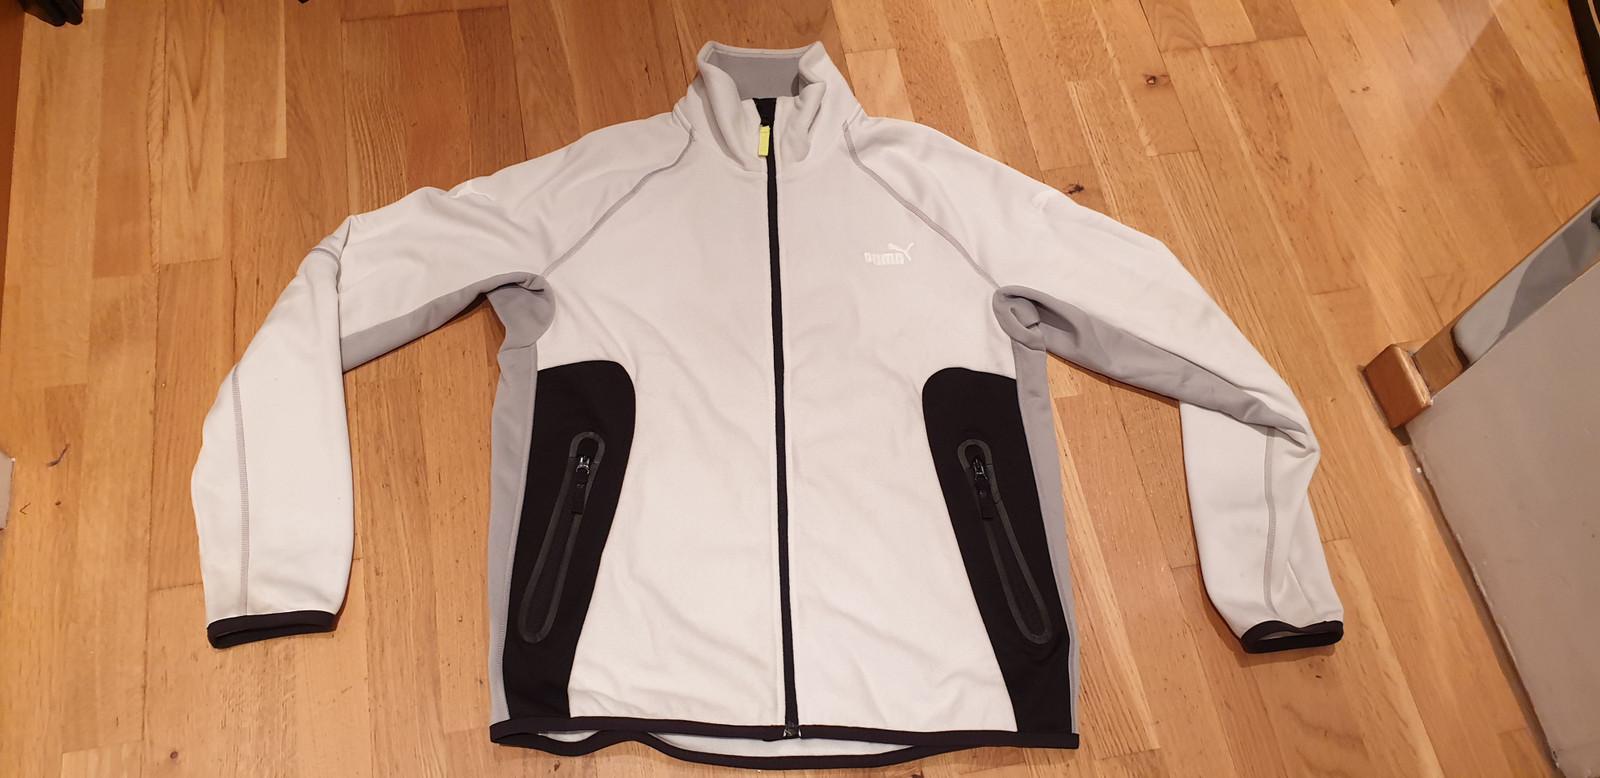 Puma fleece jakke   FINN.no